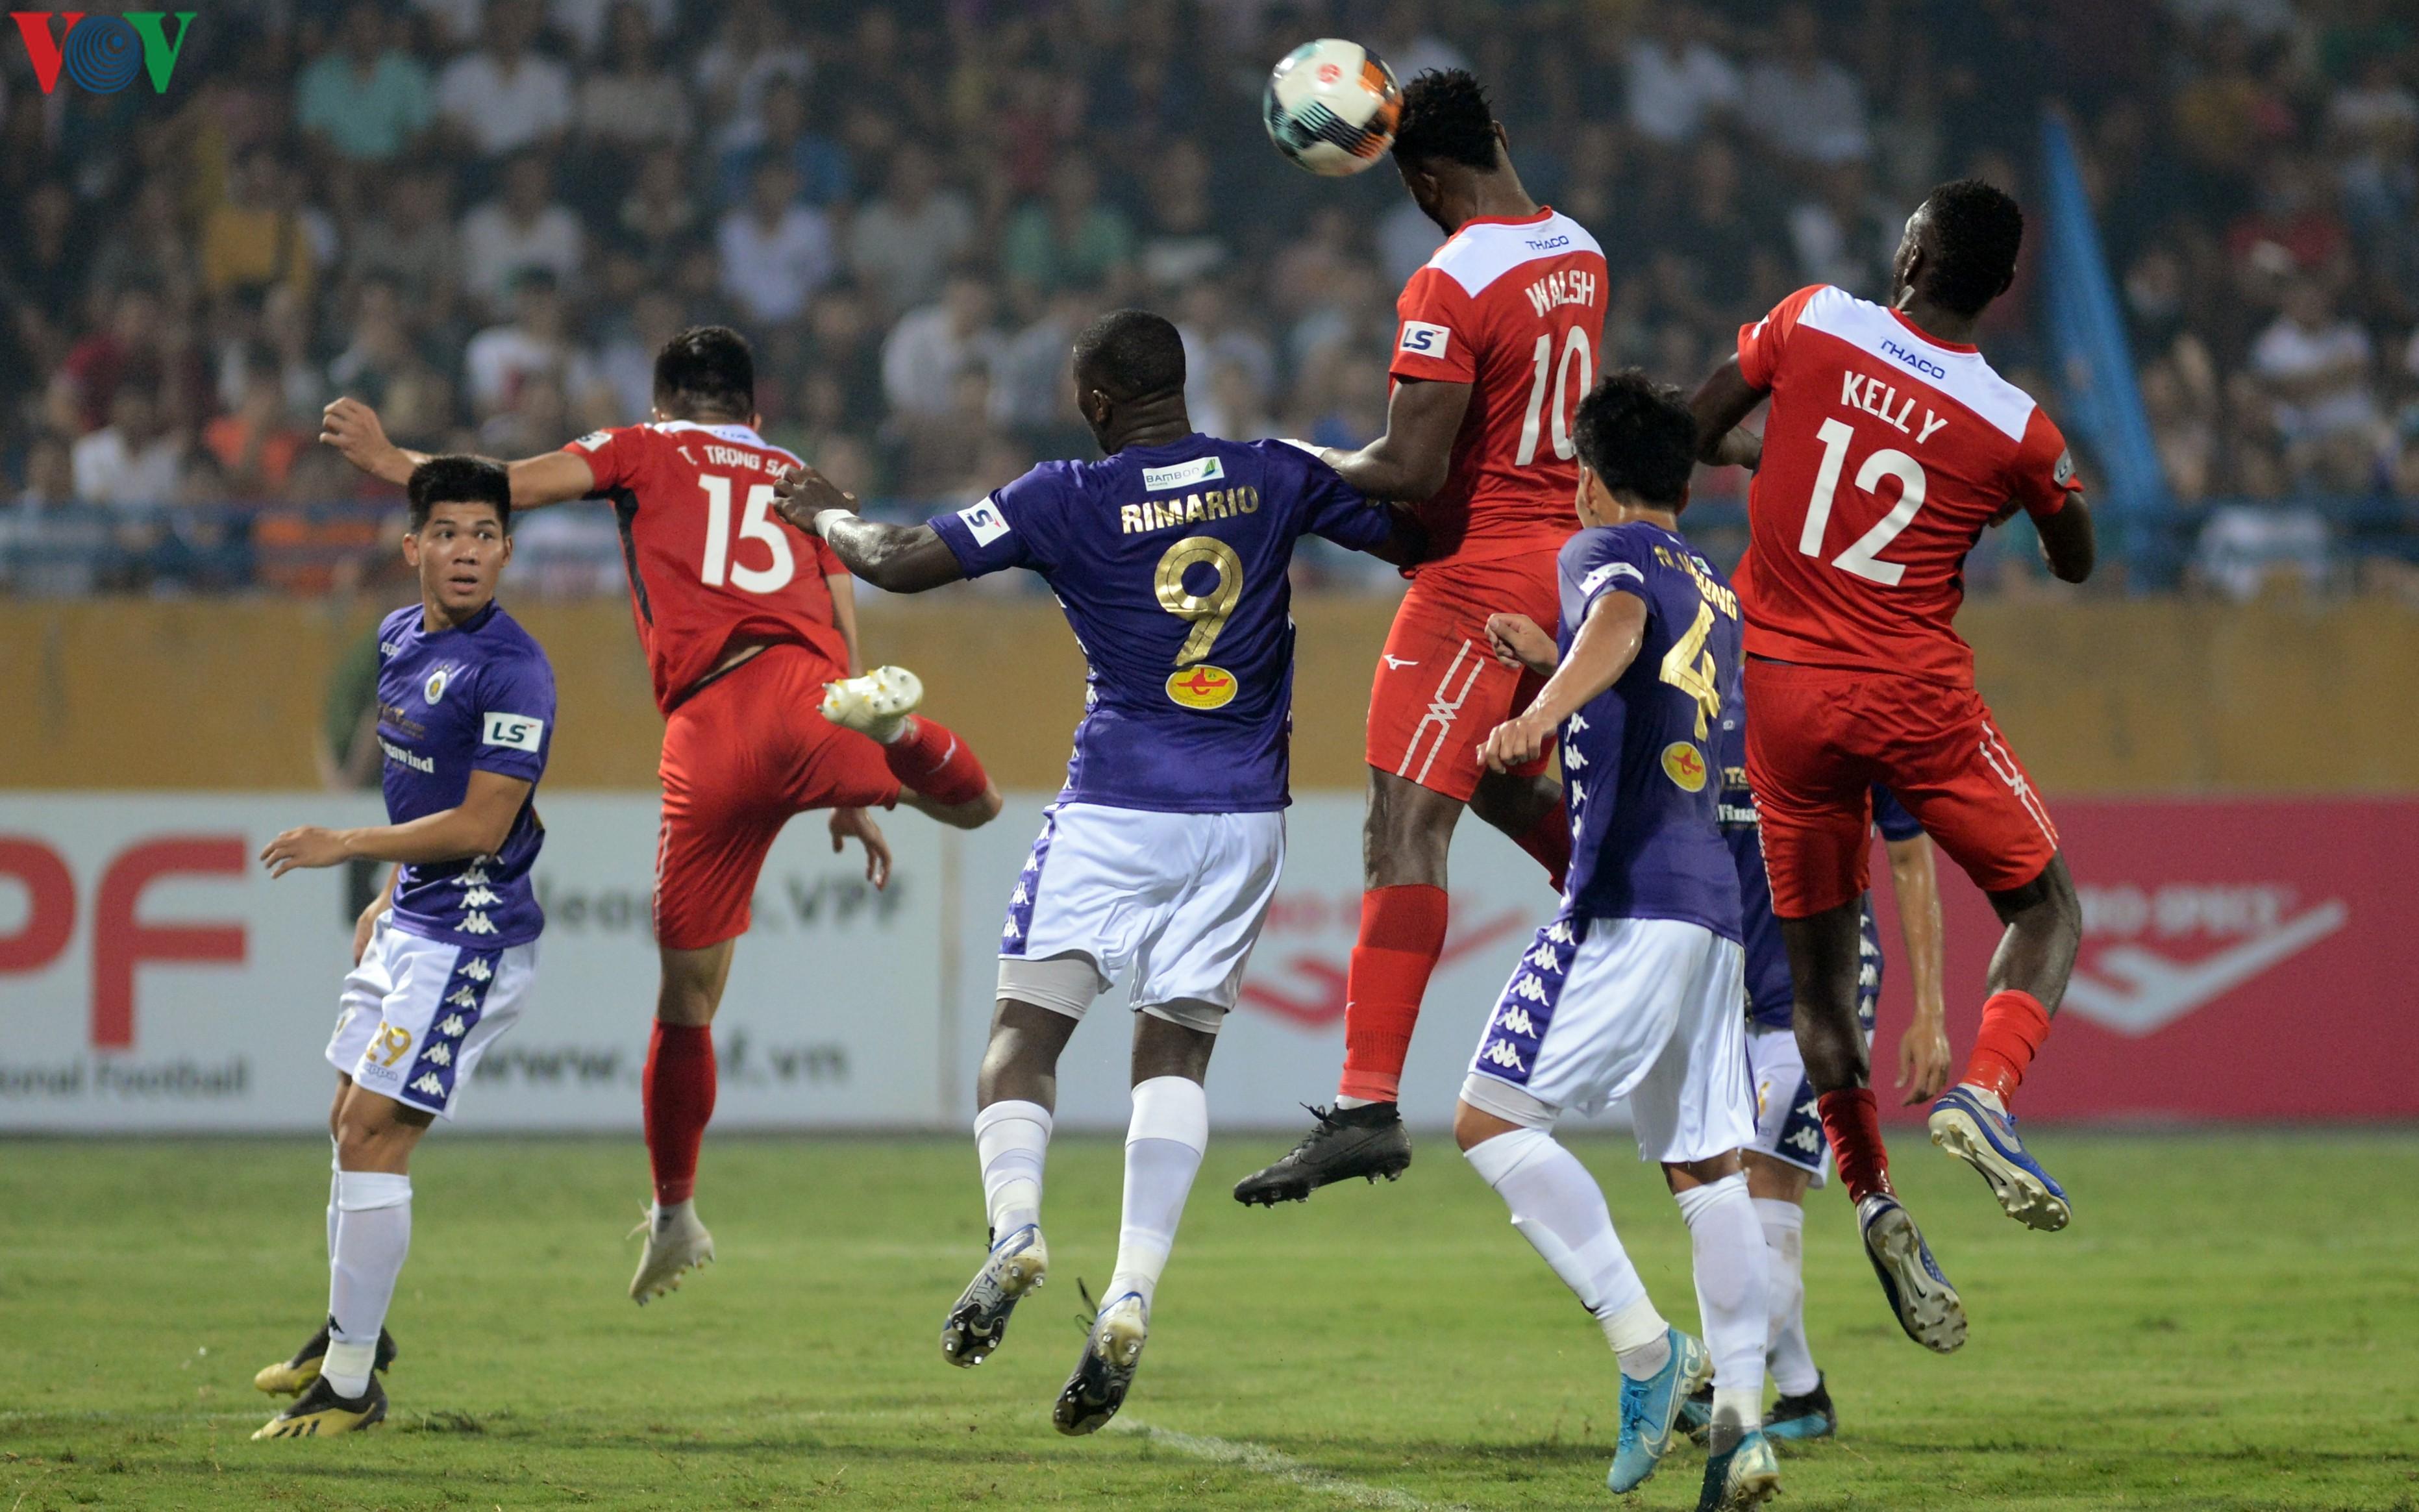 Rimario 'vờn' các chú hổ Bi-Rai, đưa đội bóng cũ trở lại mặt đất